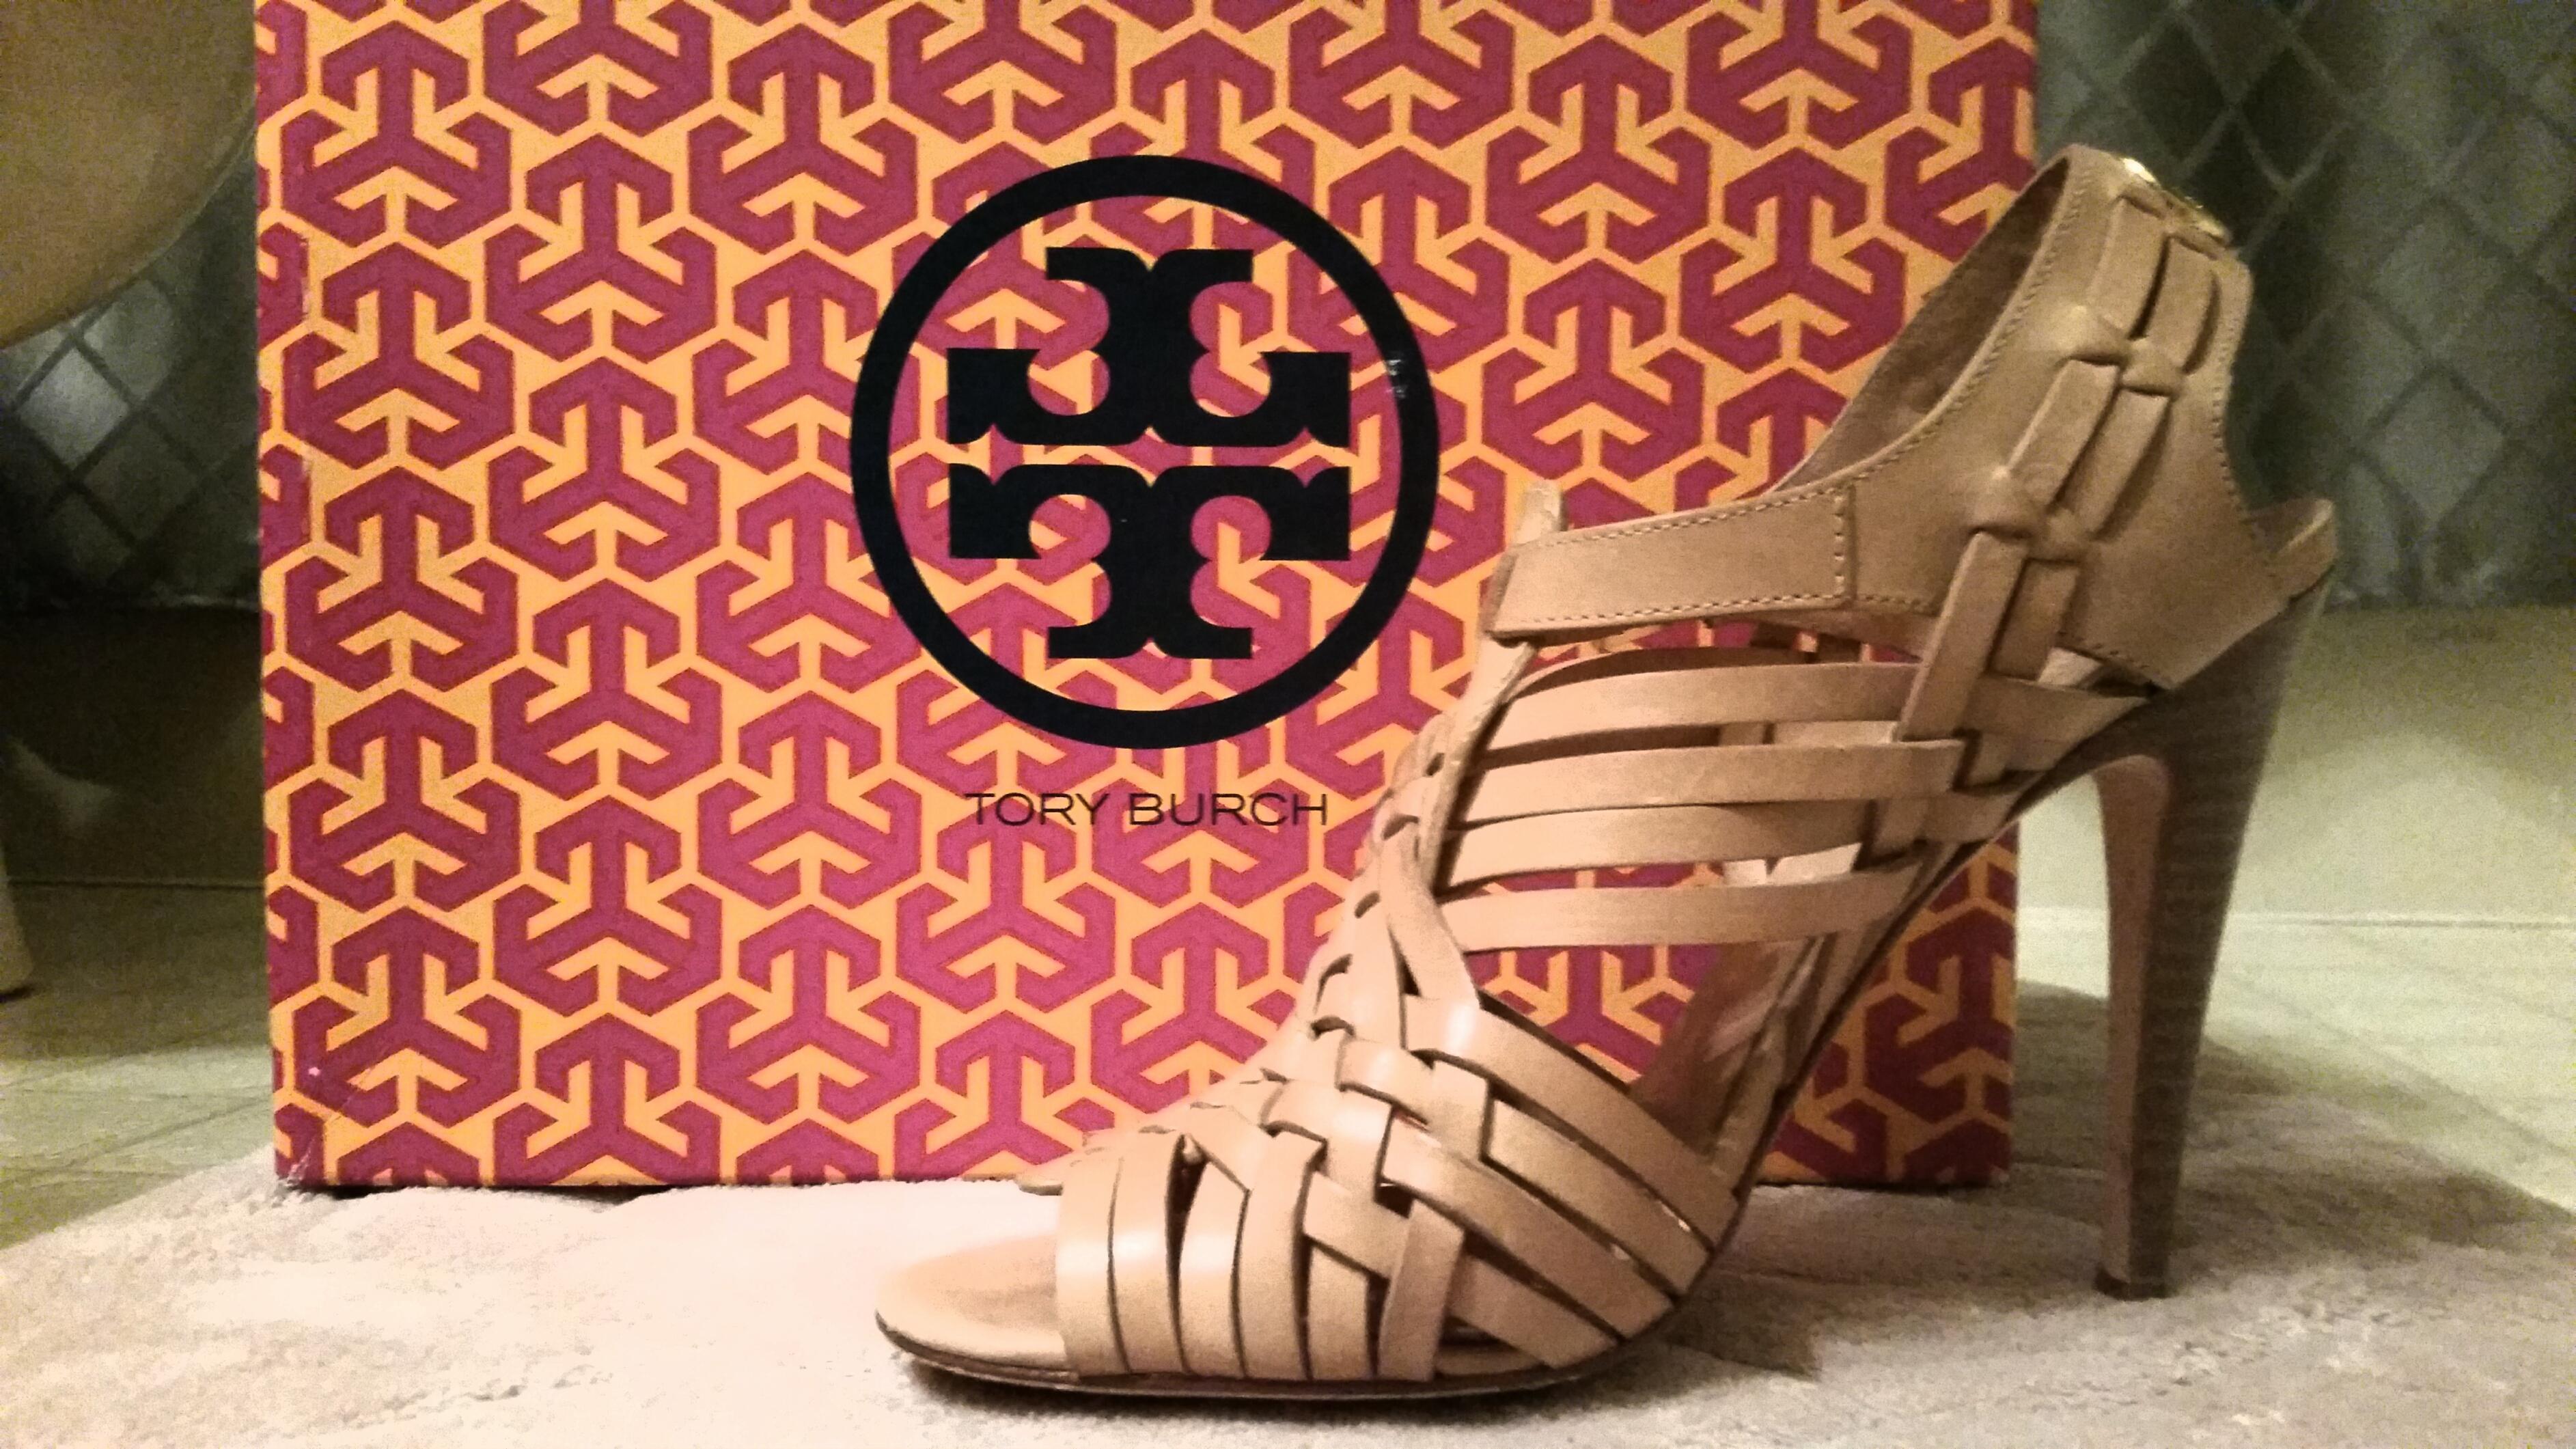 My Passion for fashion - Niche 56